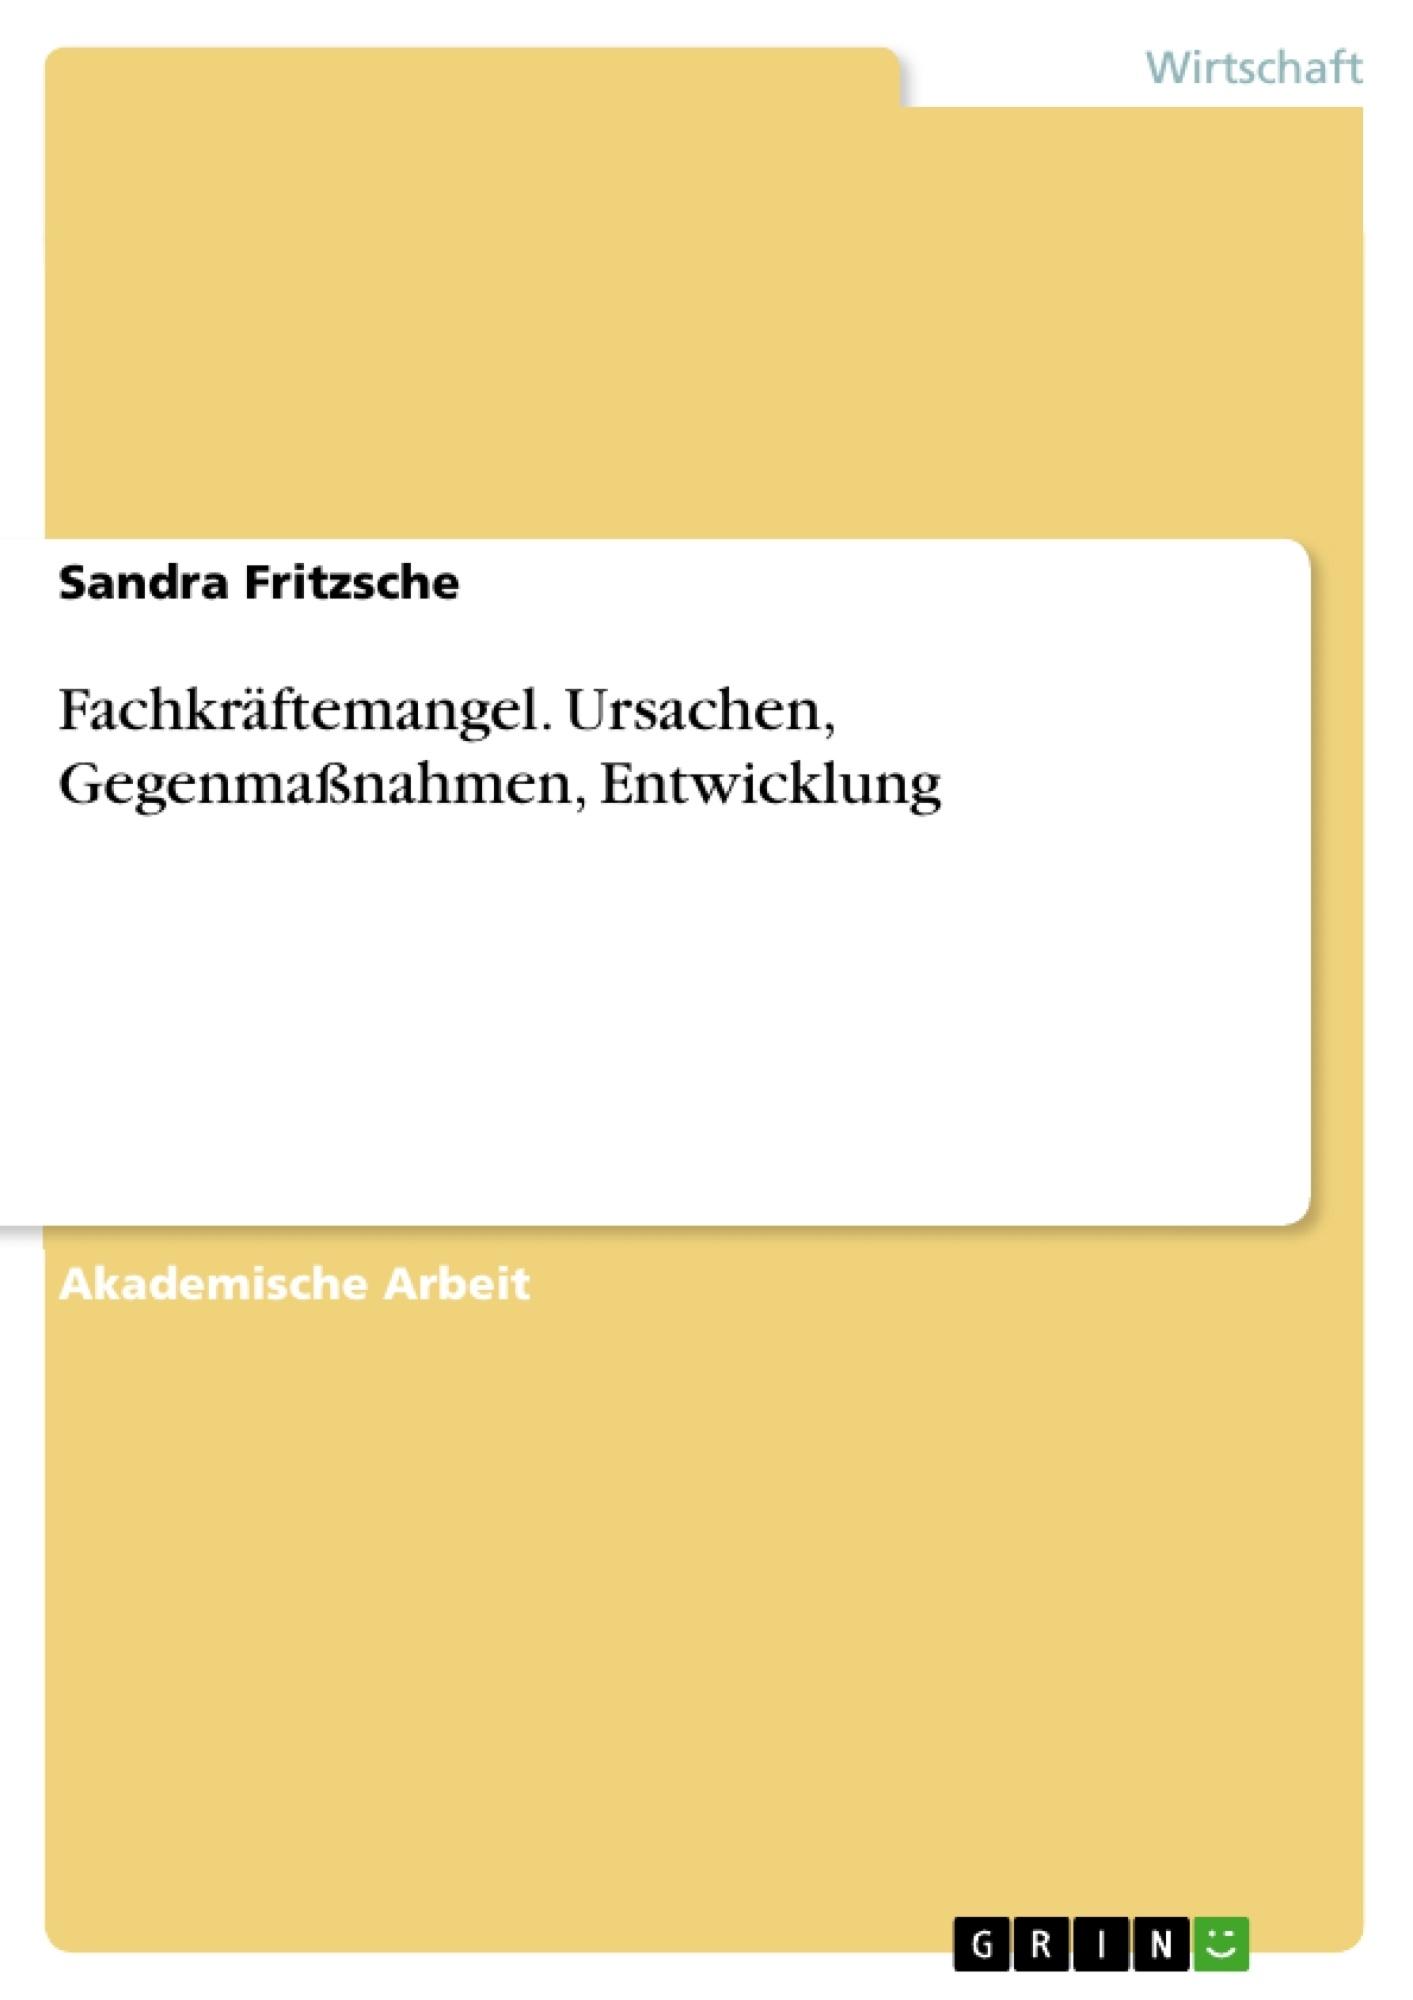 Titel: Fachkräftemangel. Ursachen, Gegenmaßnahmen, Entwicklung